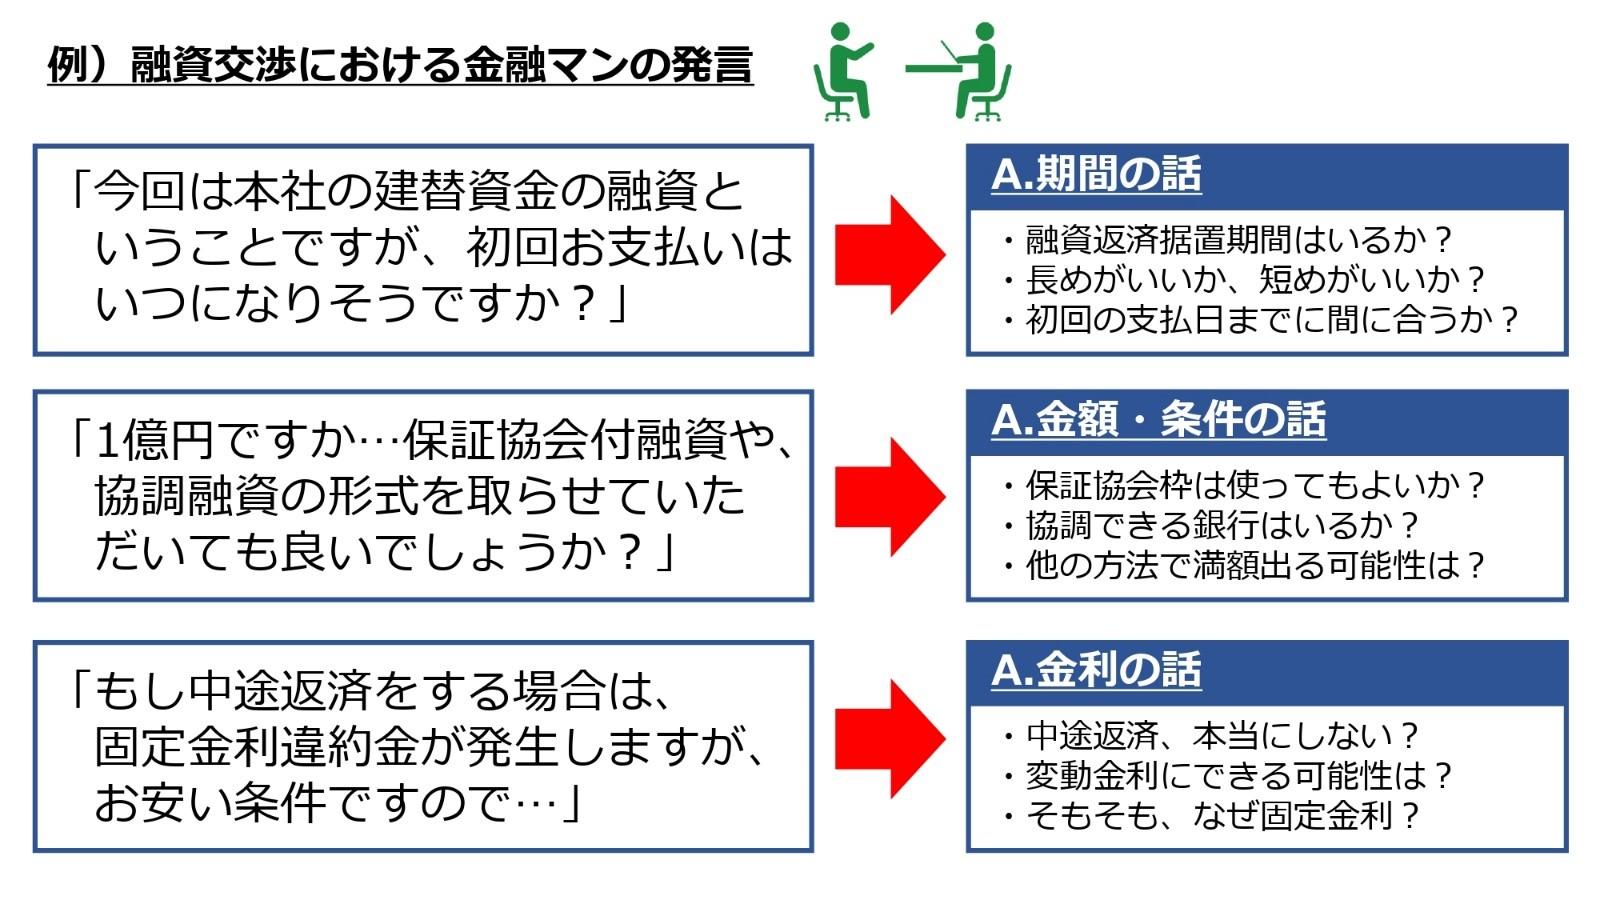 融資交渉における金融マンの発言